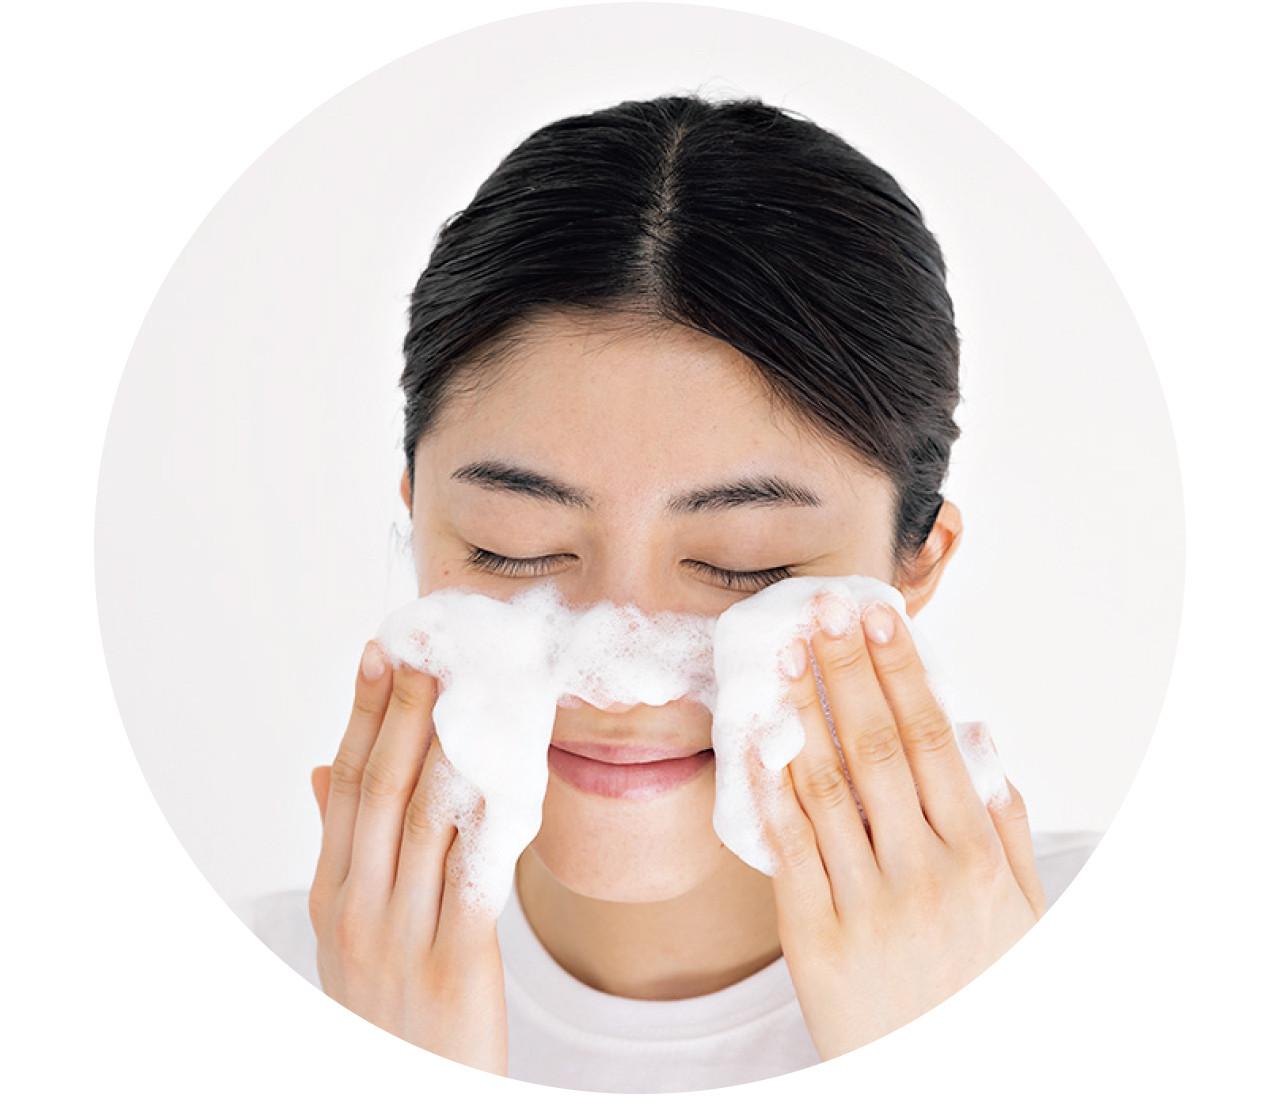 【毛穴ケア】鼻の「詰まり毛穴」の予防はコレ!角質ケア美容液のおすすめも♡